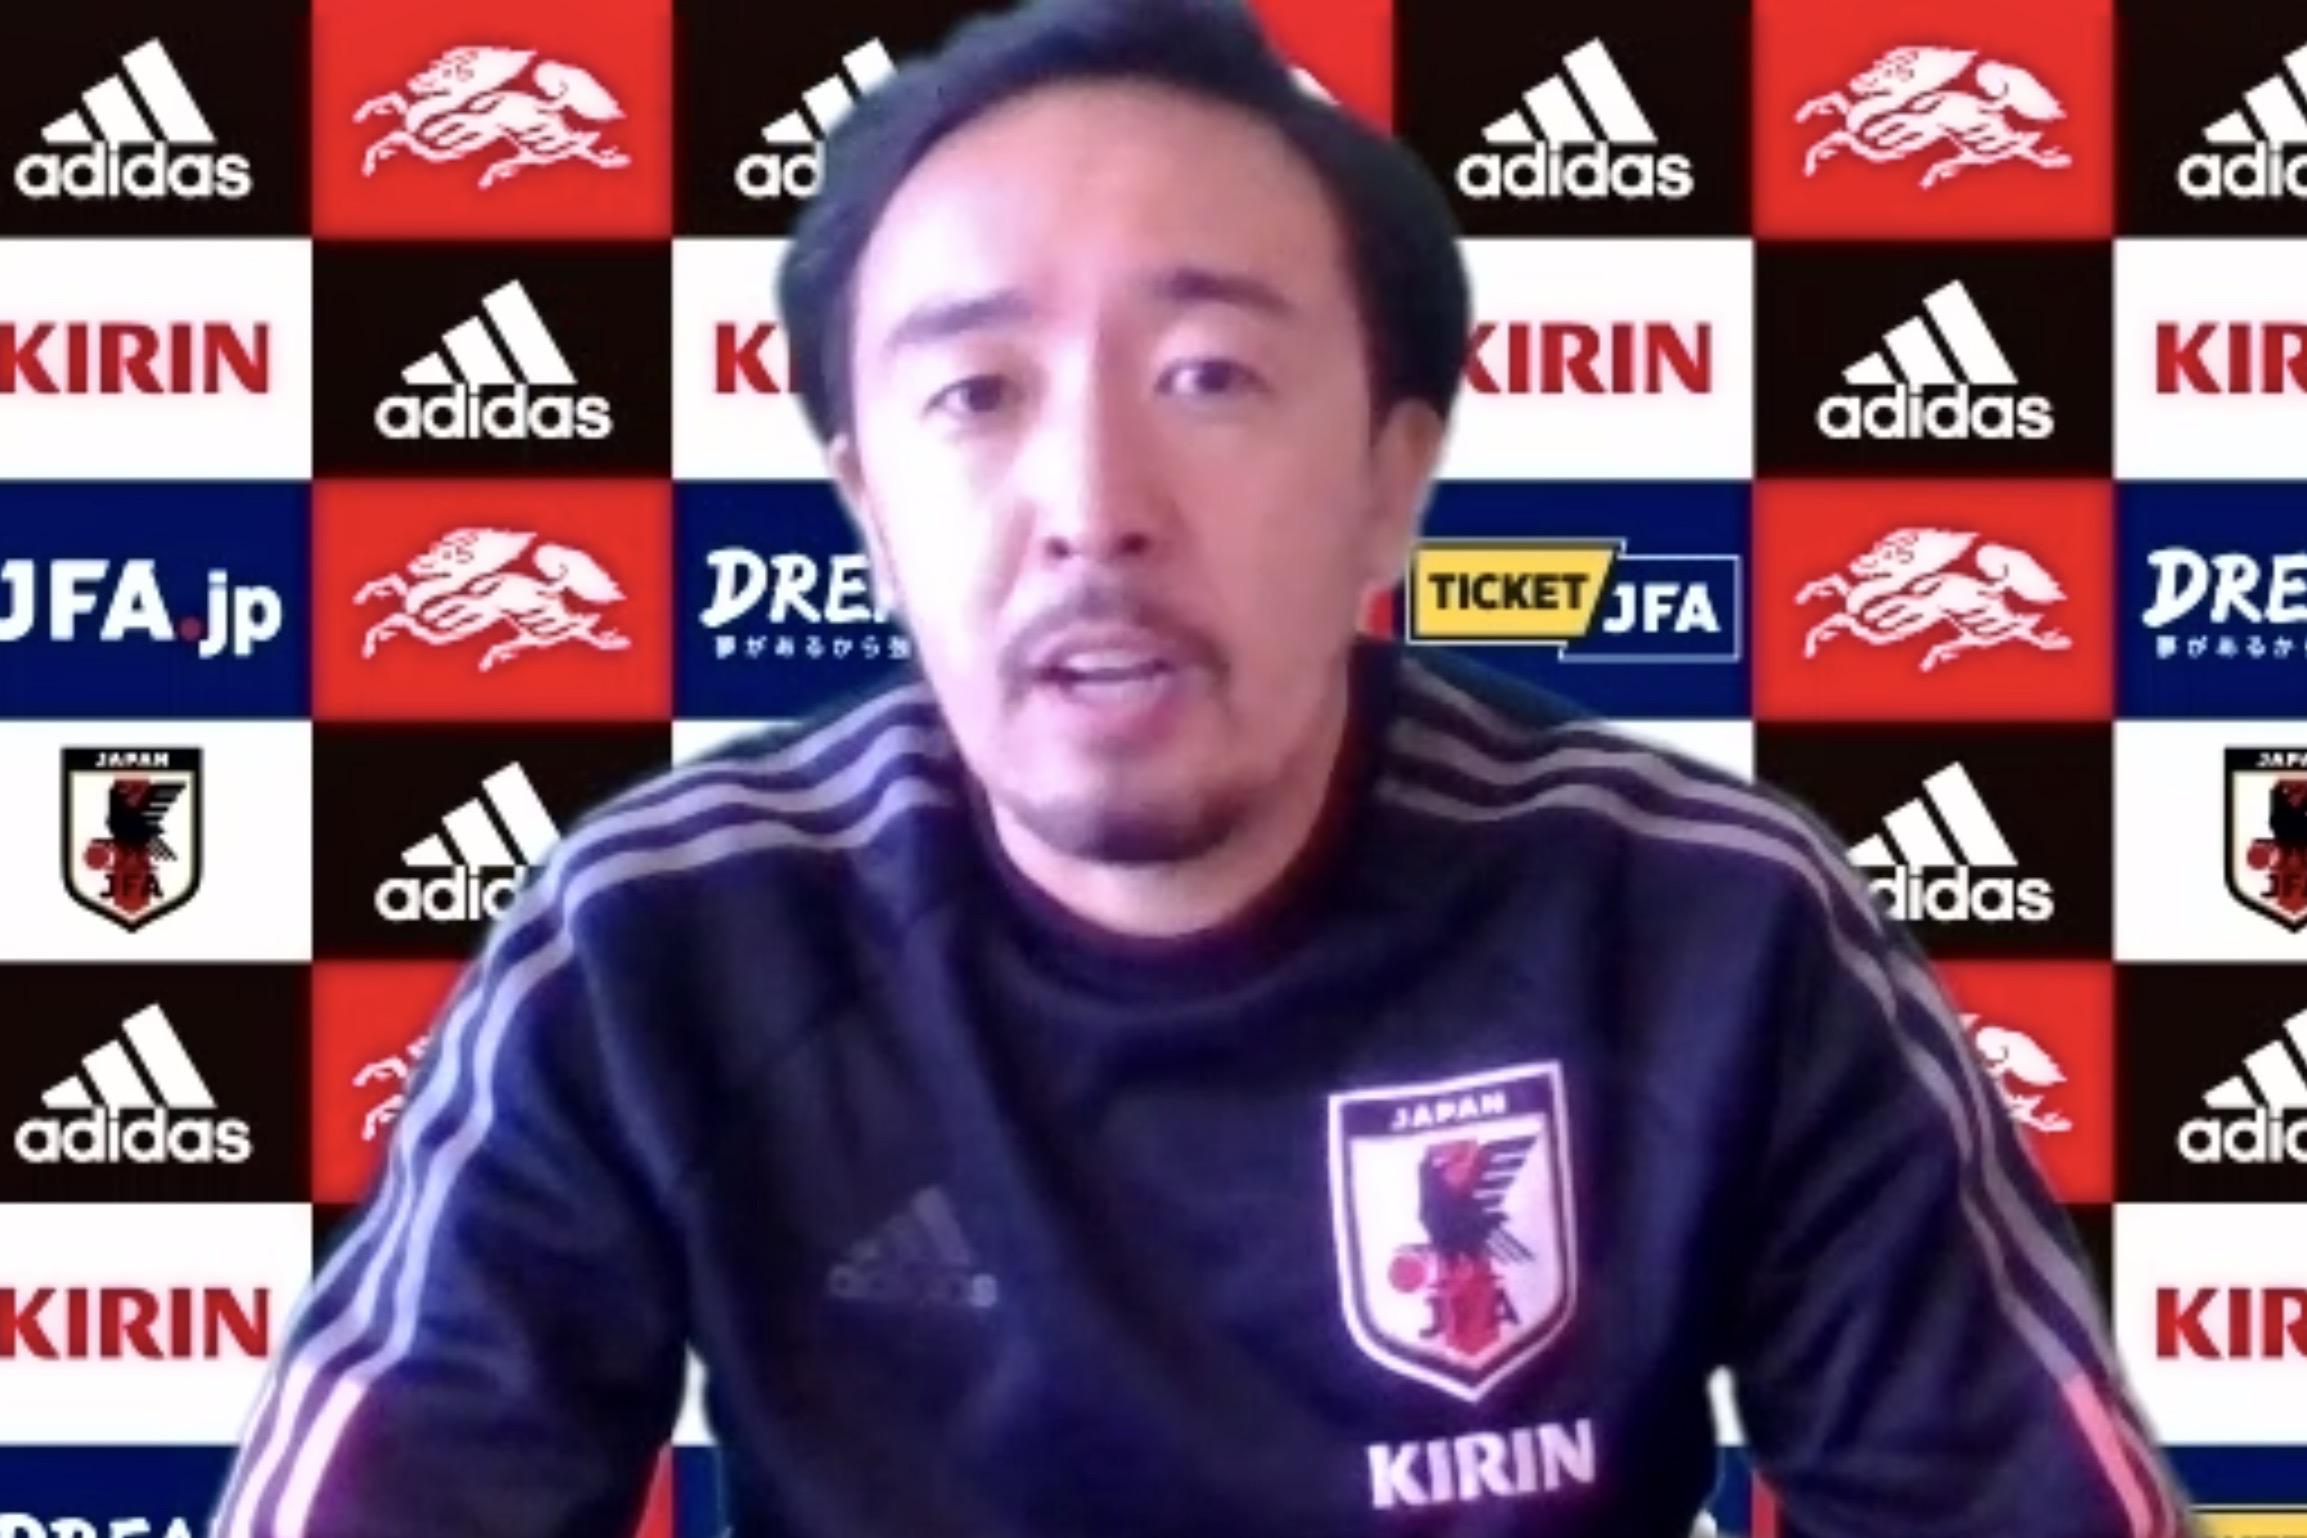 【日本女子代表/記者会見】10カ月ぶりの代表活動目前に、木暮監督は「優勝できるようなチームをつくる。そこが明確な目標」